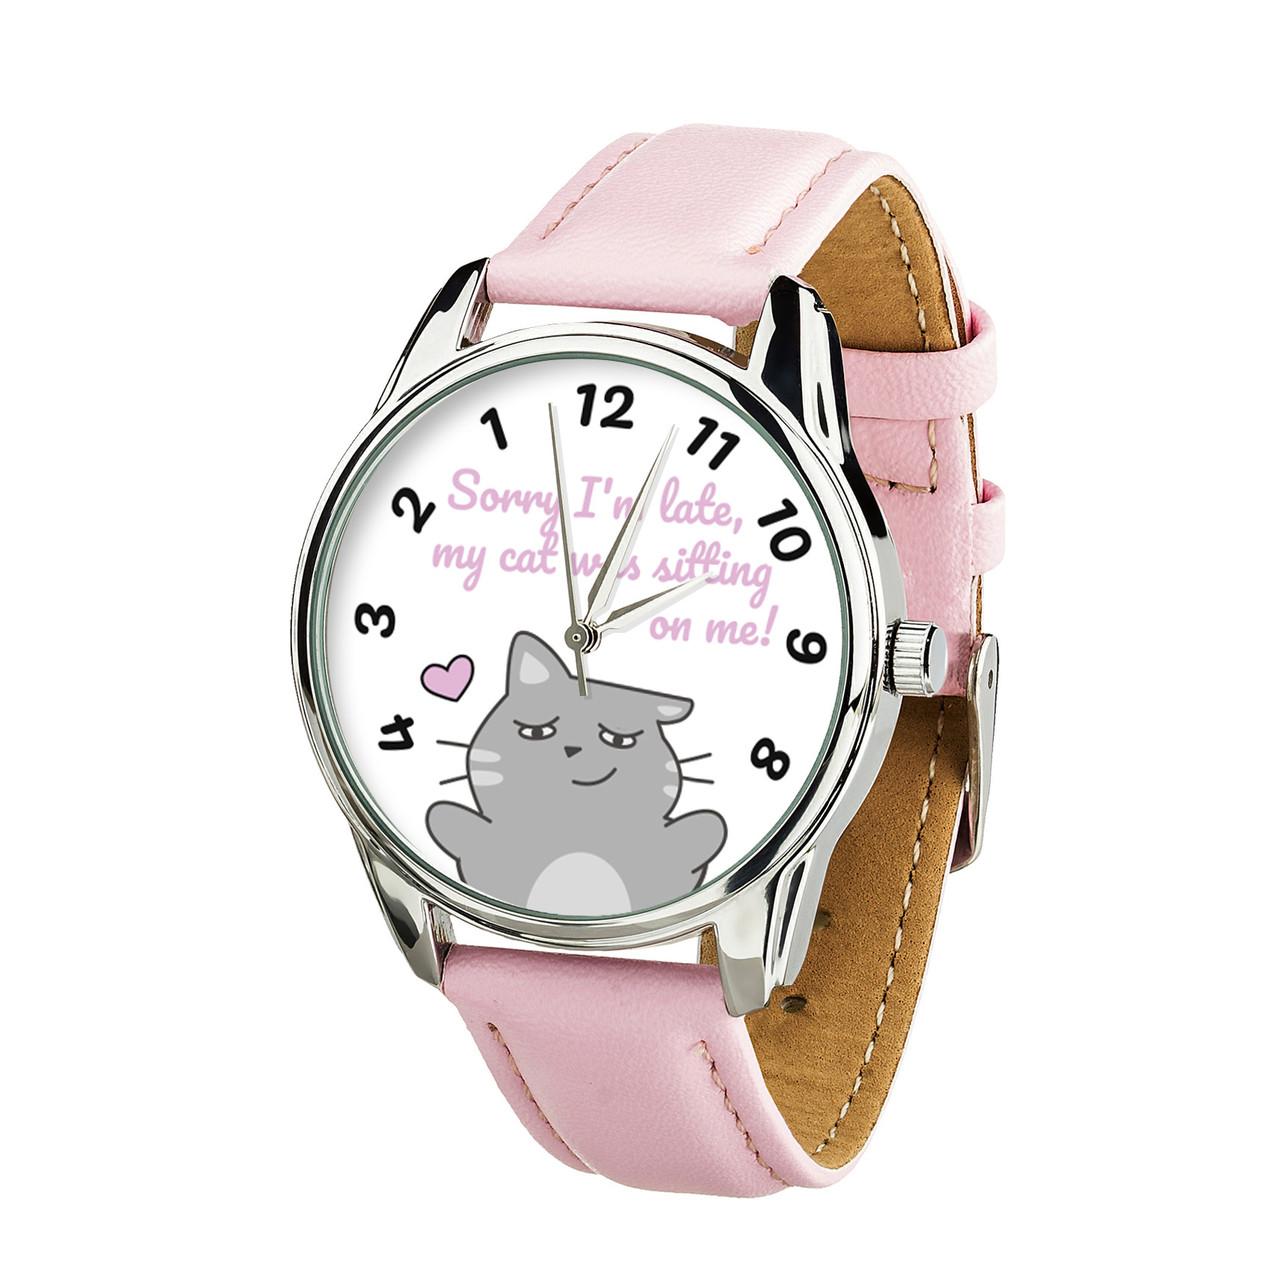 Годинник ZIZ із зворотним ходом Котики не спізнюються (ремінець пудрово - рожевий, срібло) + додатковий ремінець